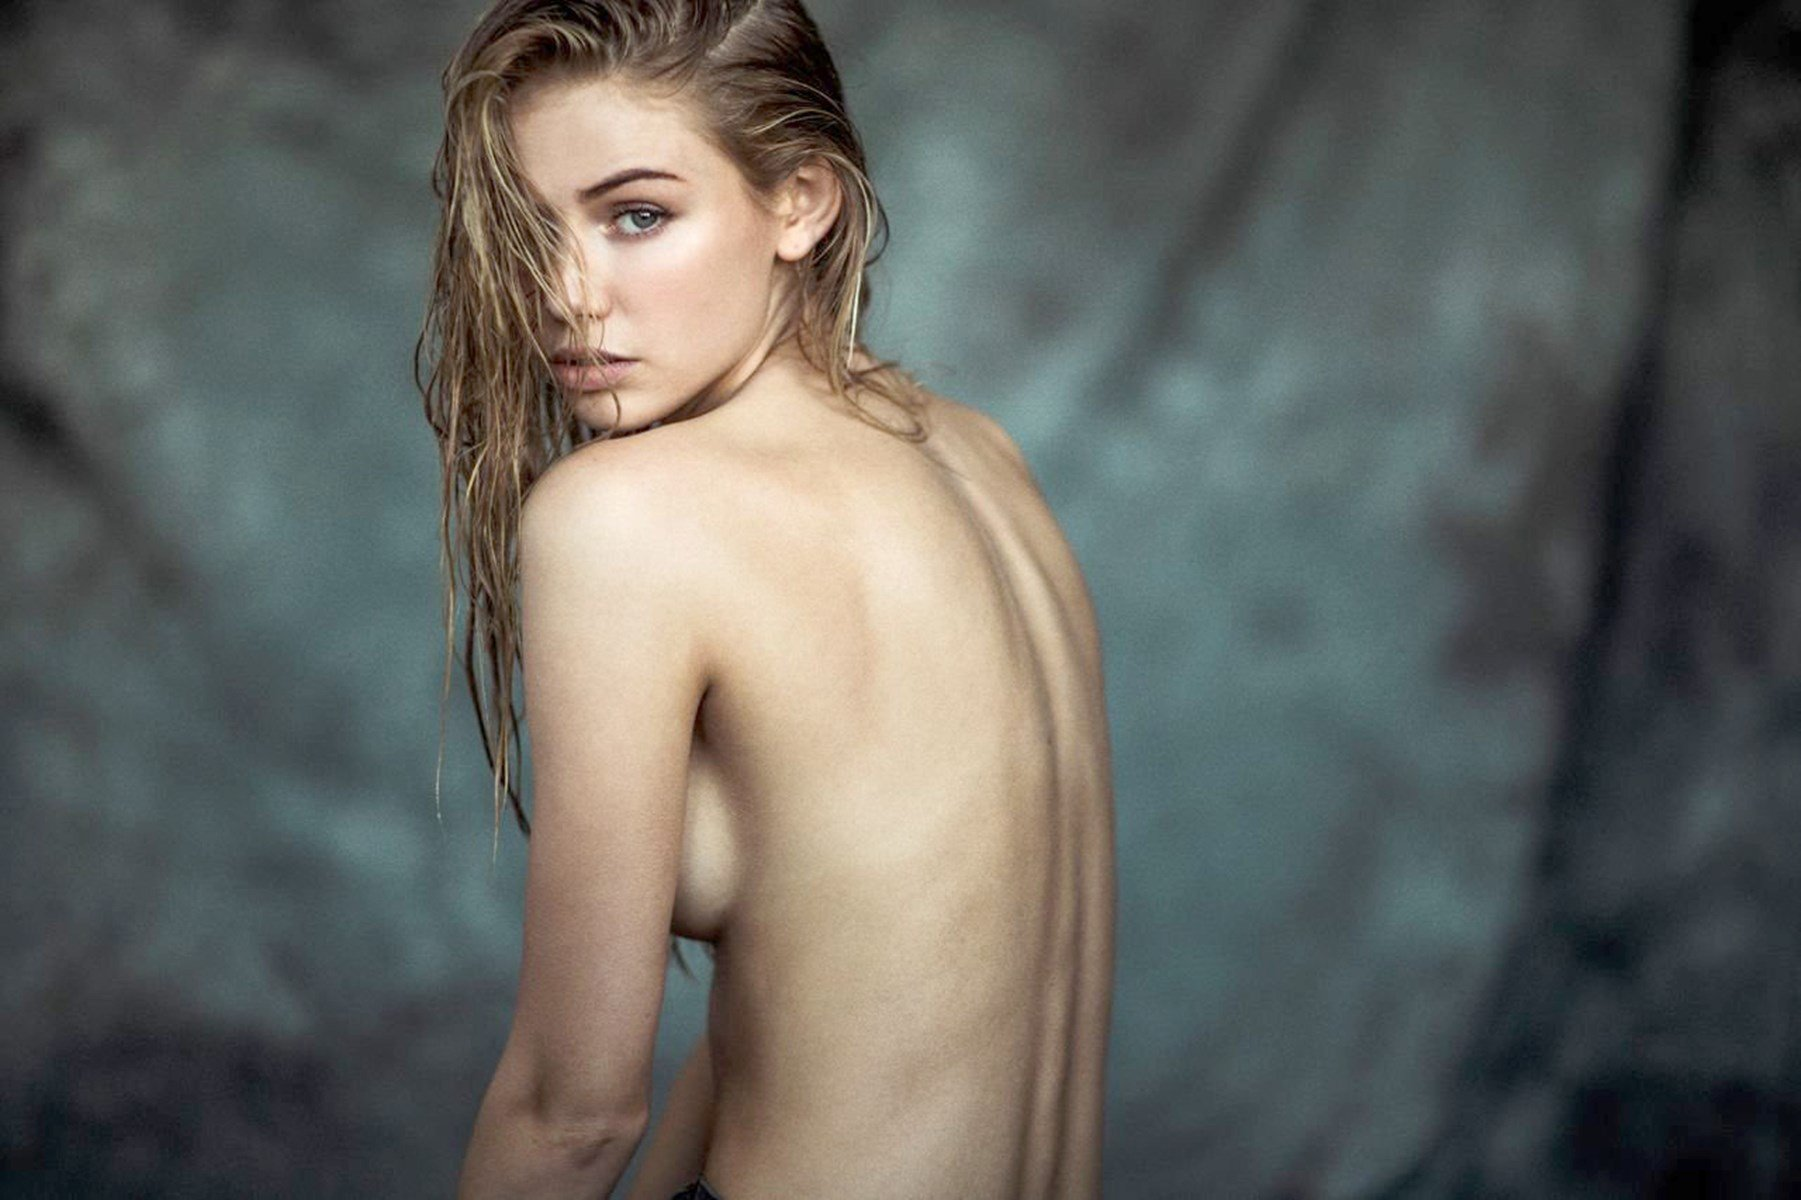 Scarlett johansson naked for playboy